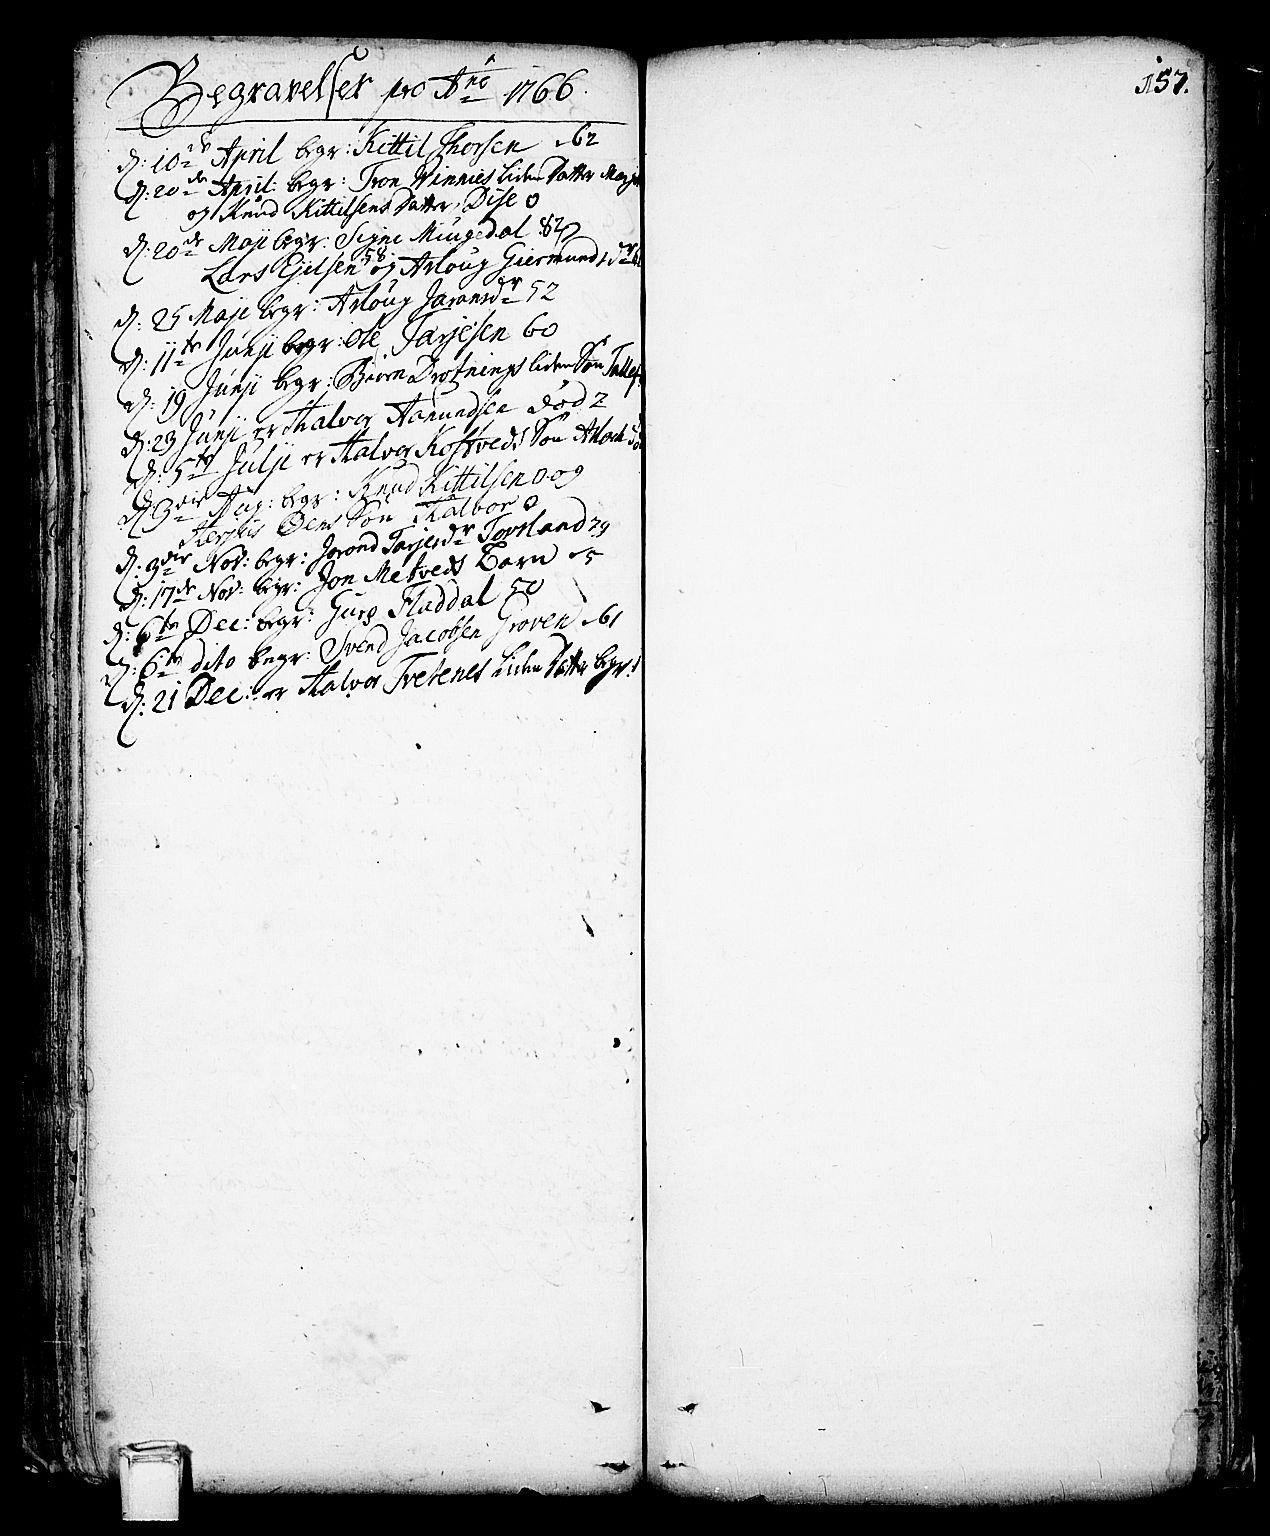 SAKO, Vinje kirkebøker, F/Fa/L0001: Ministerialbok nr. I 1, 1717-1766, s. 157